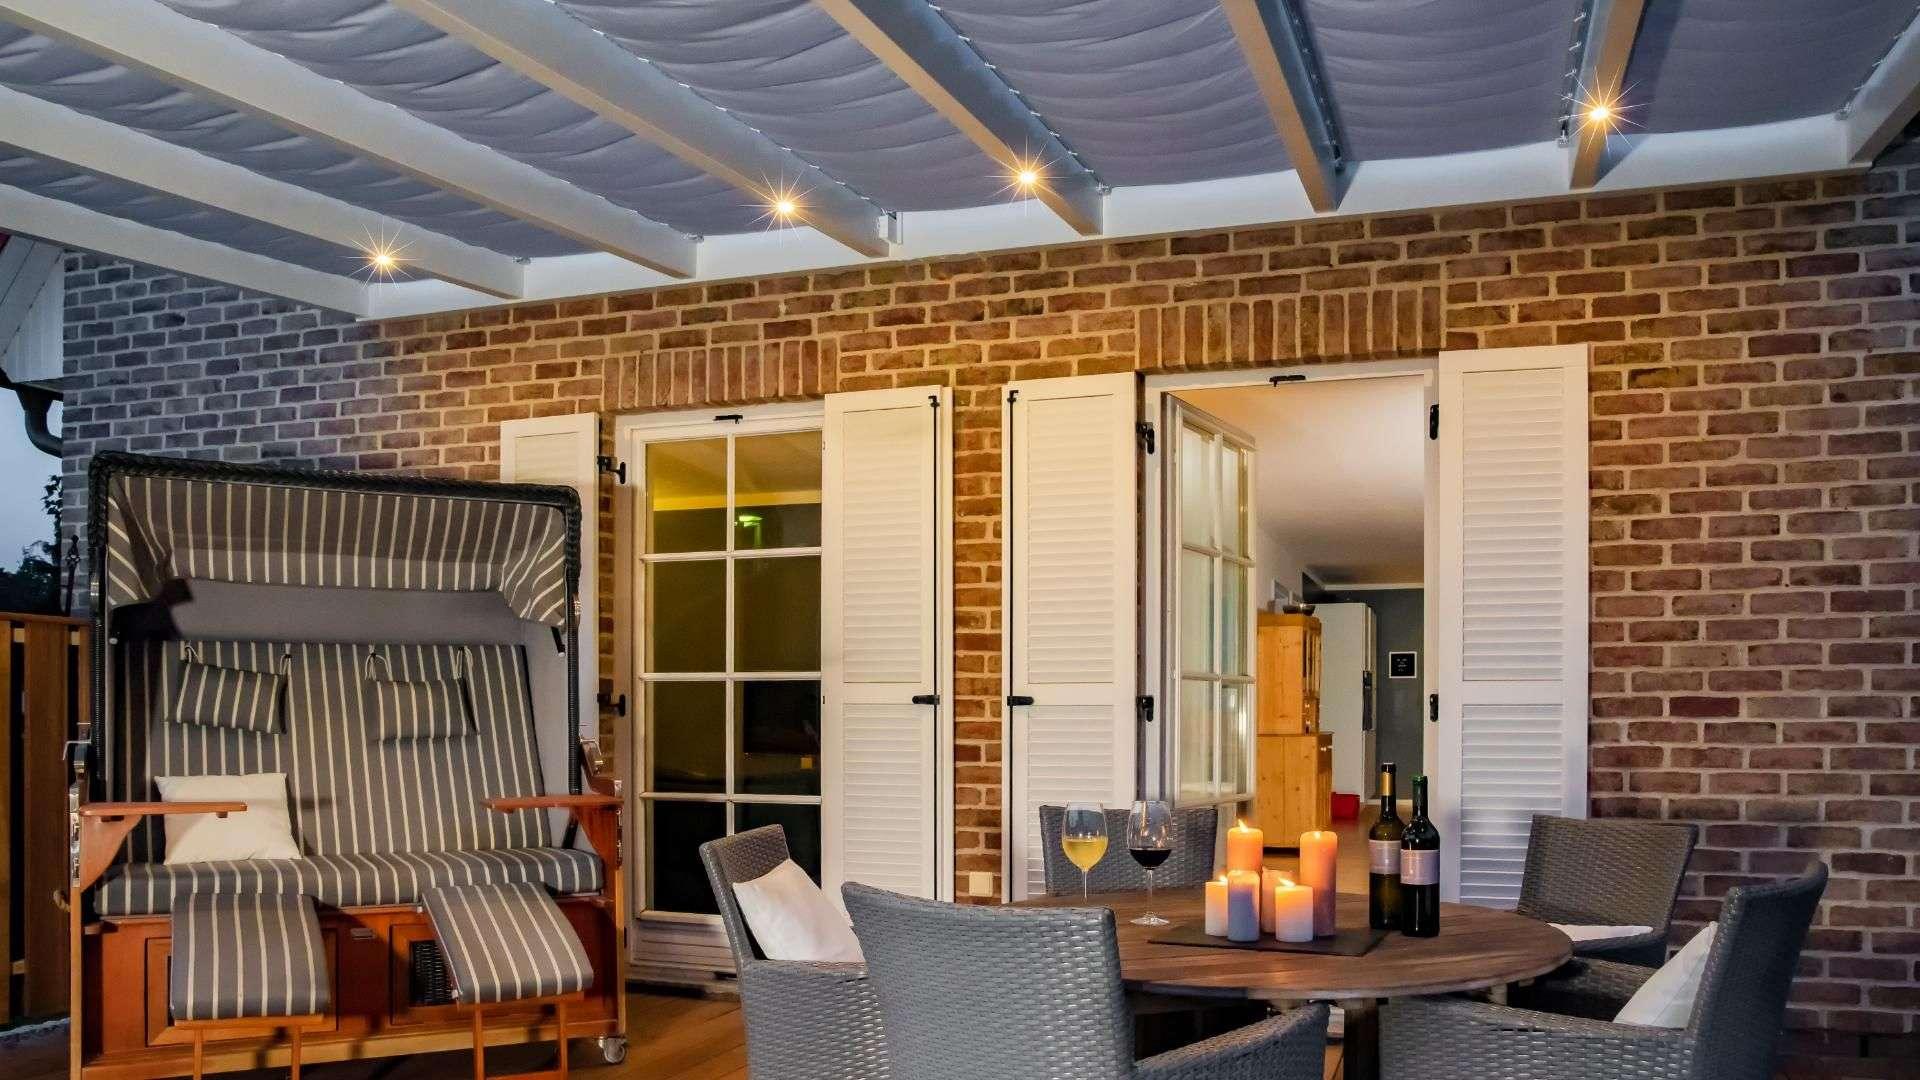 Blick unter ein Terrassendach mit LED-Lichtern. auf der Terrasse steht ein runder Tisch mit fünf Stühlen und ein Strandkorb.